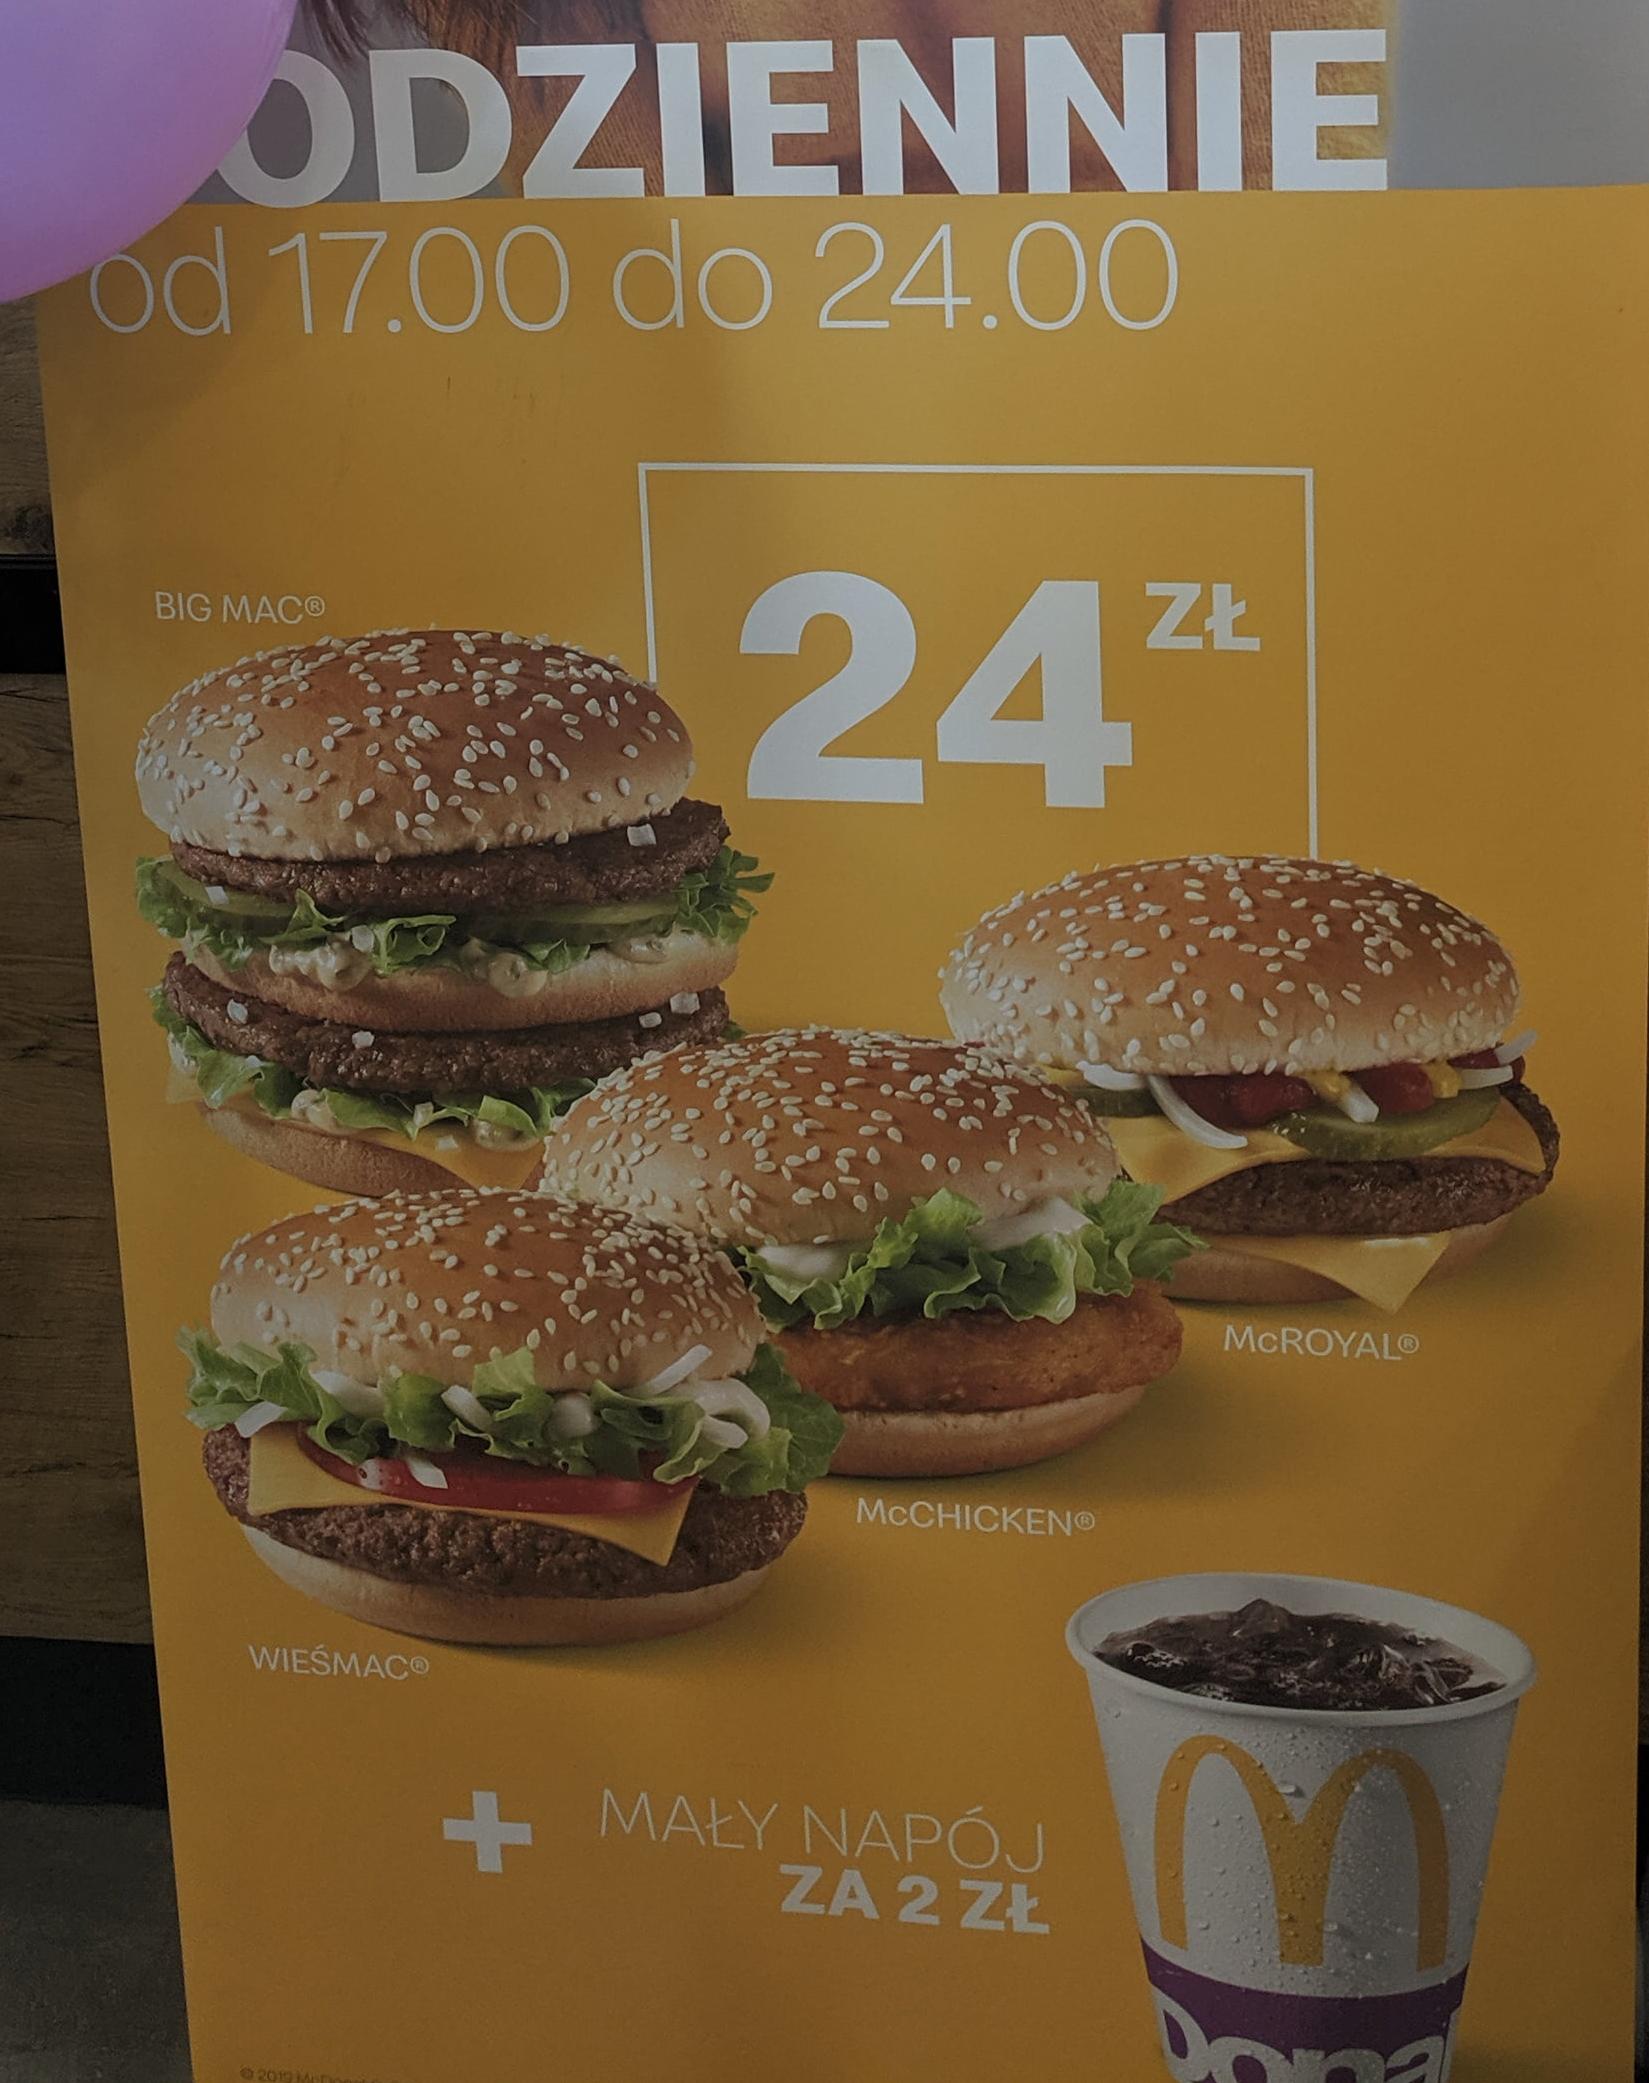 Big Mac, Wieśmac, McChicken i McRoyal za 24 zł + 2 zł mały napój